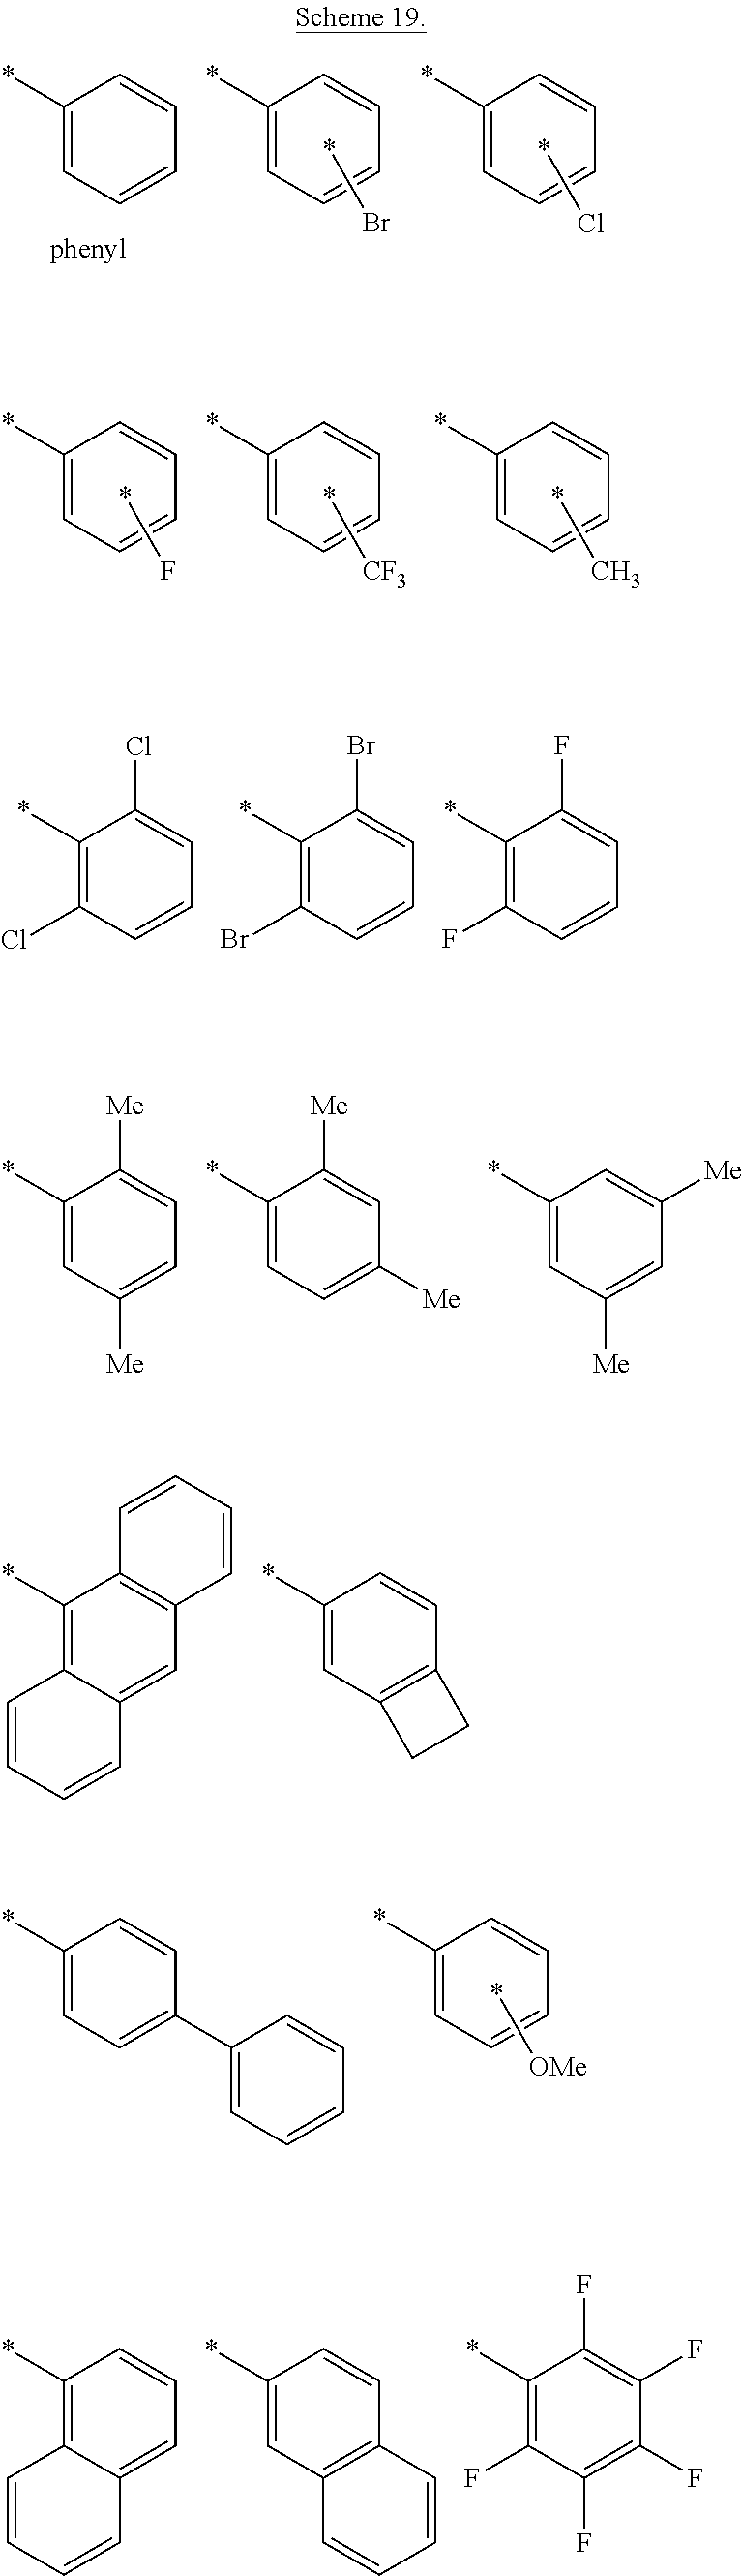 Figure US09574107-20170221-C00047